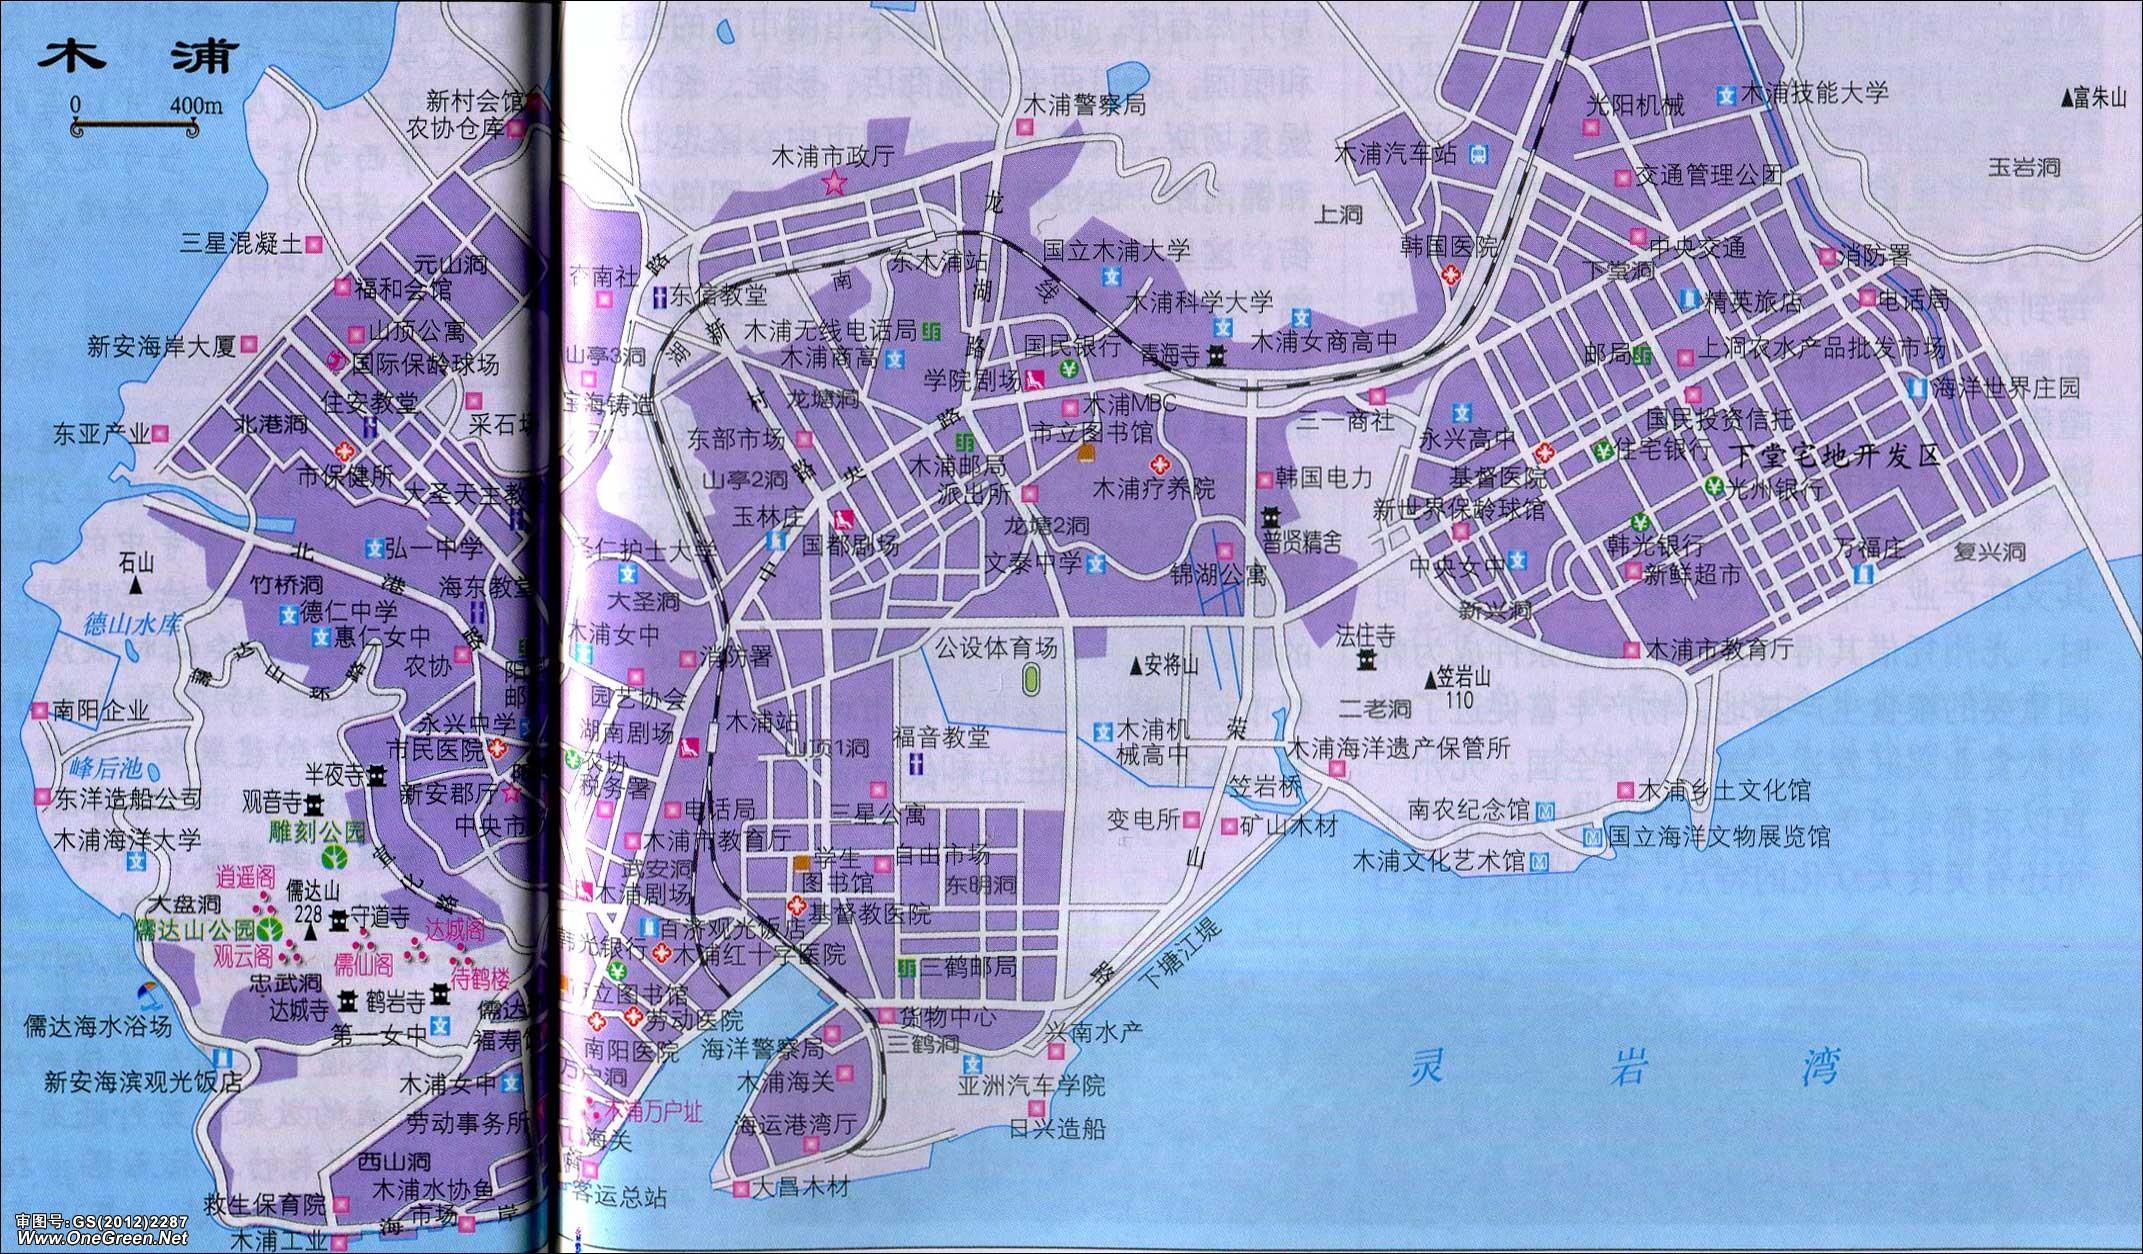 韩国木浦市地图